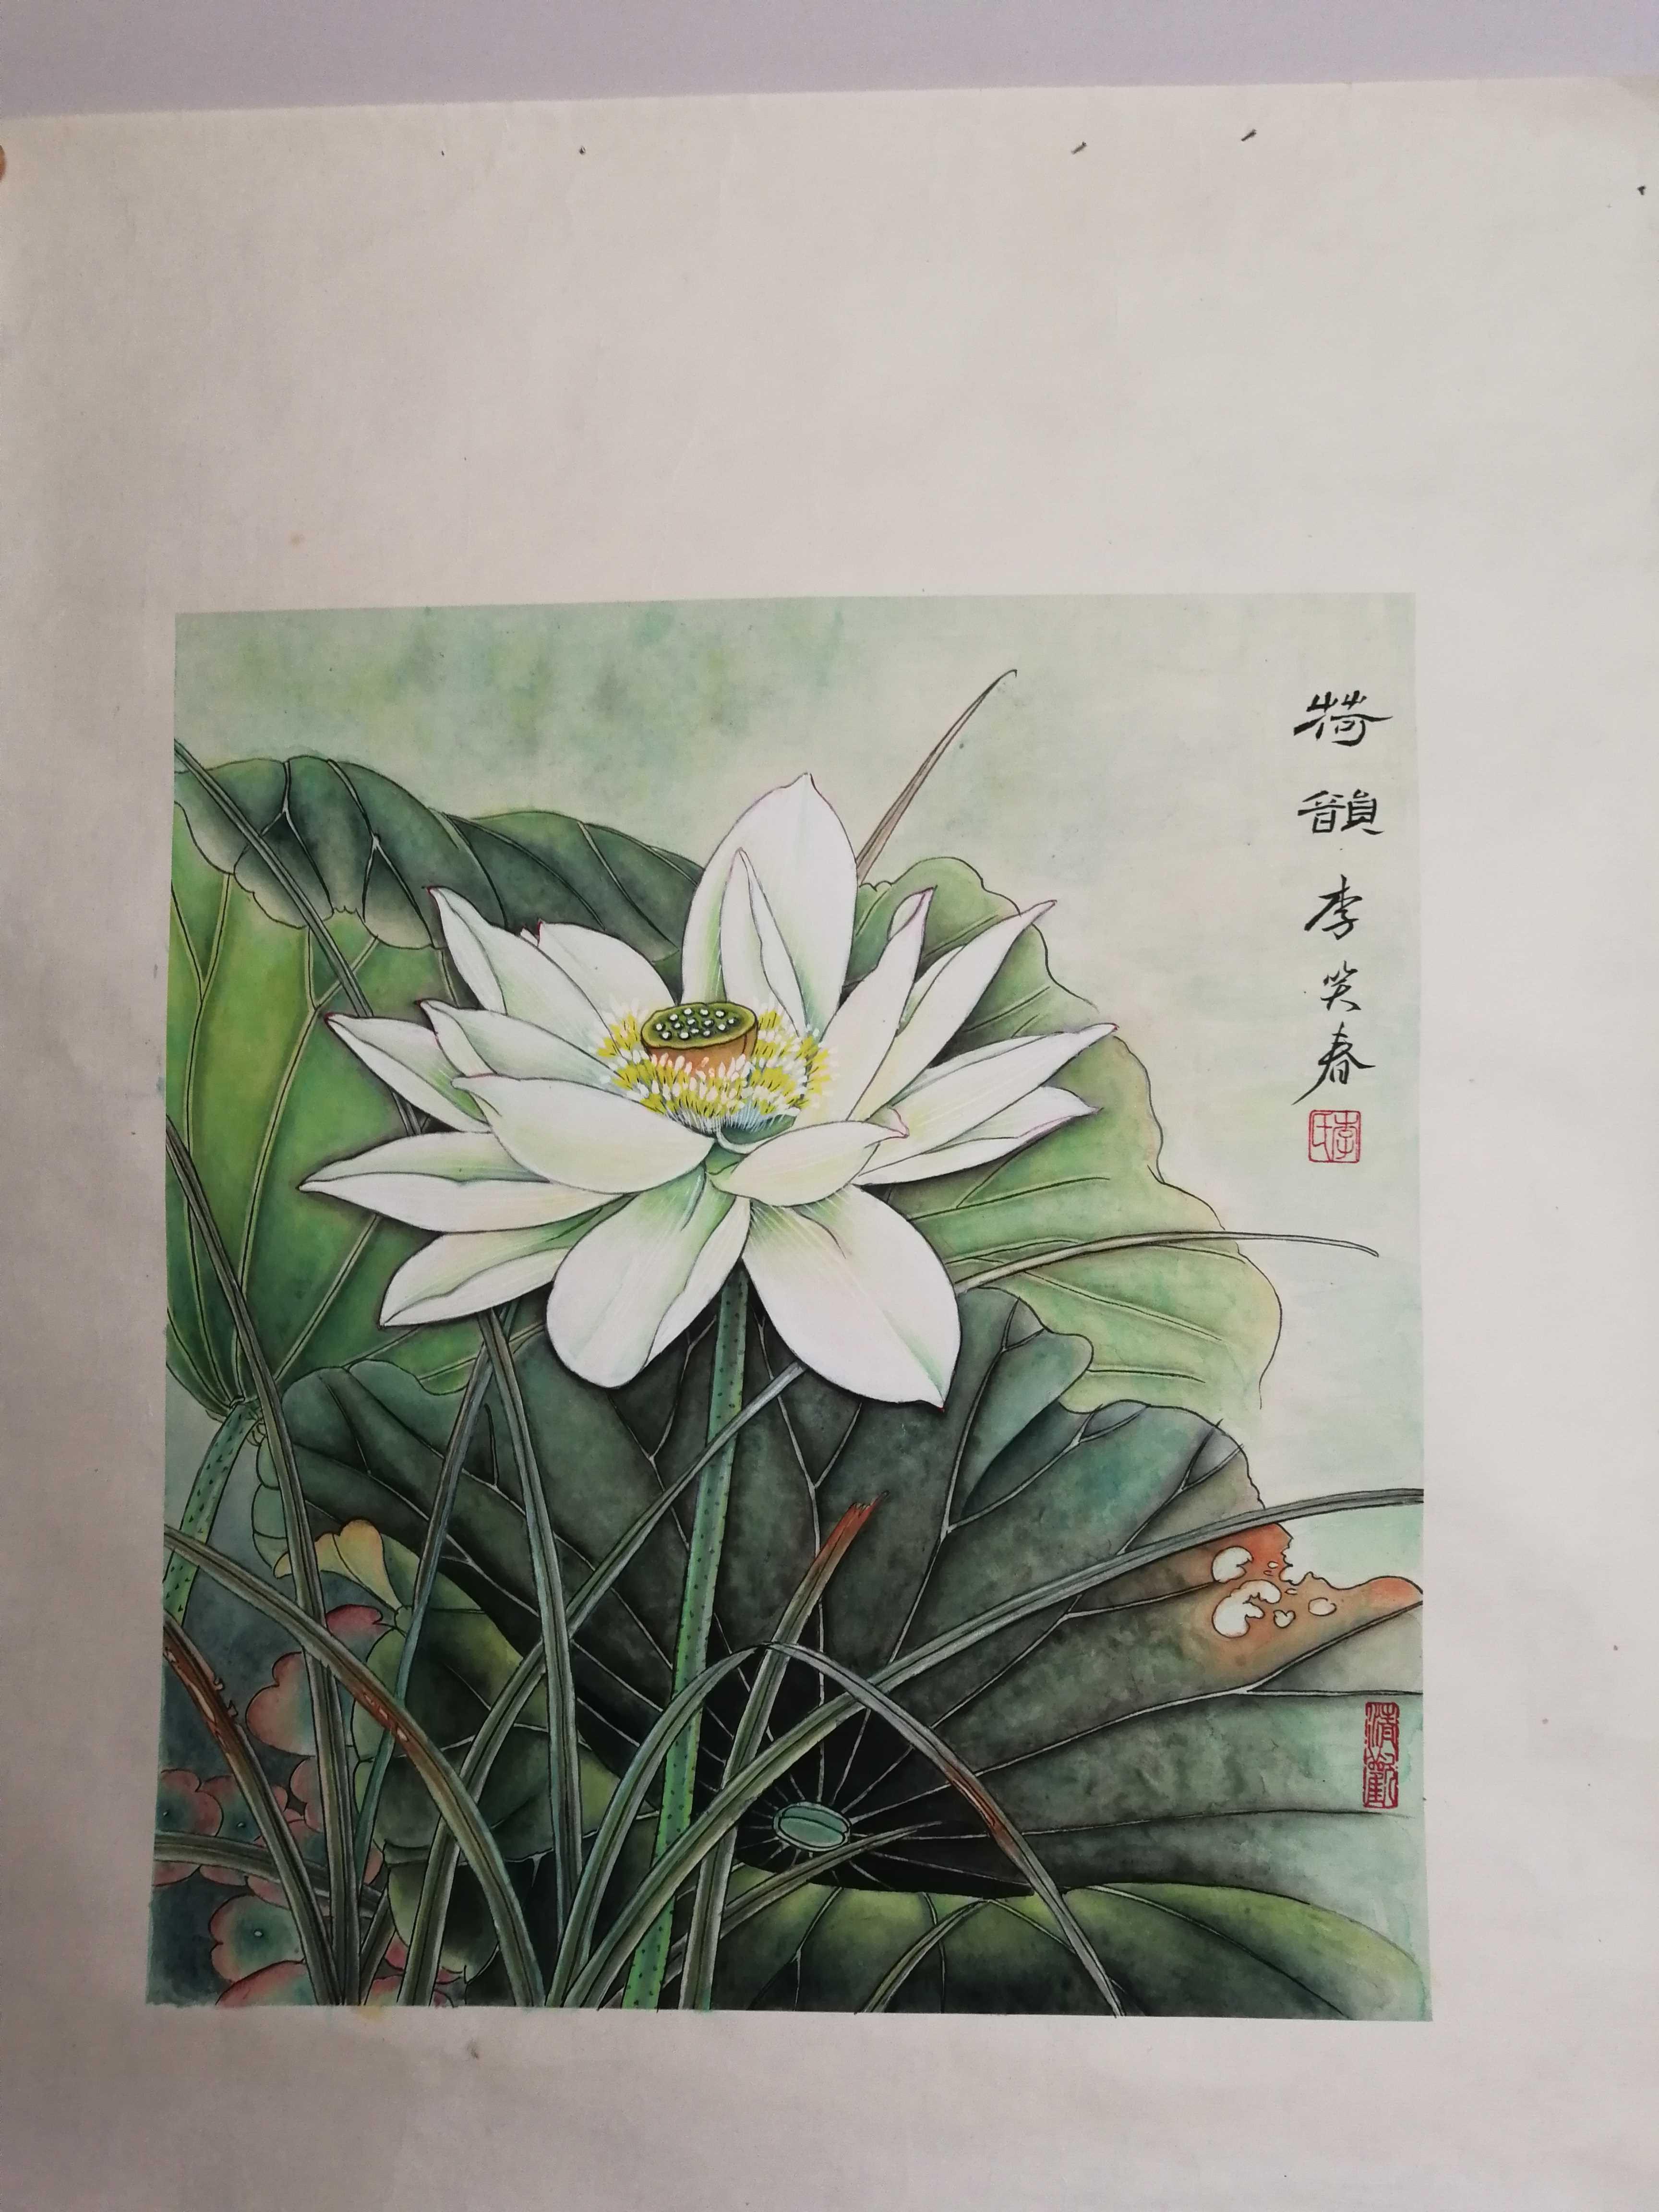 十一字画展-1110434410